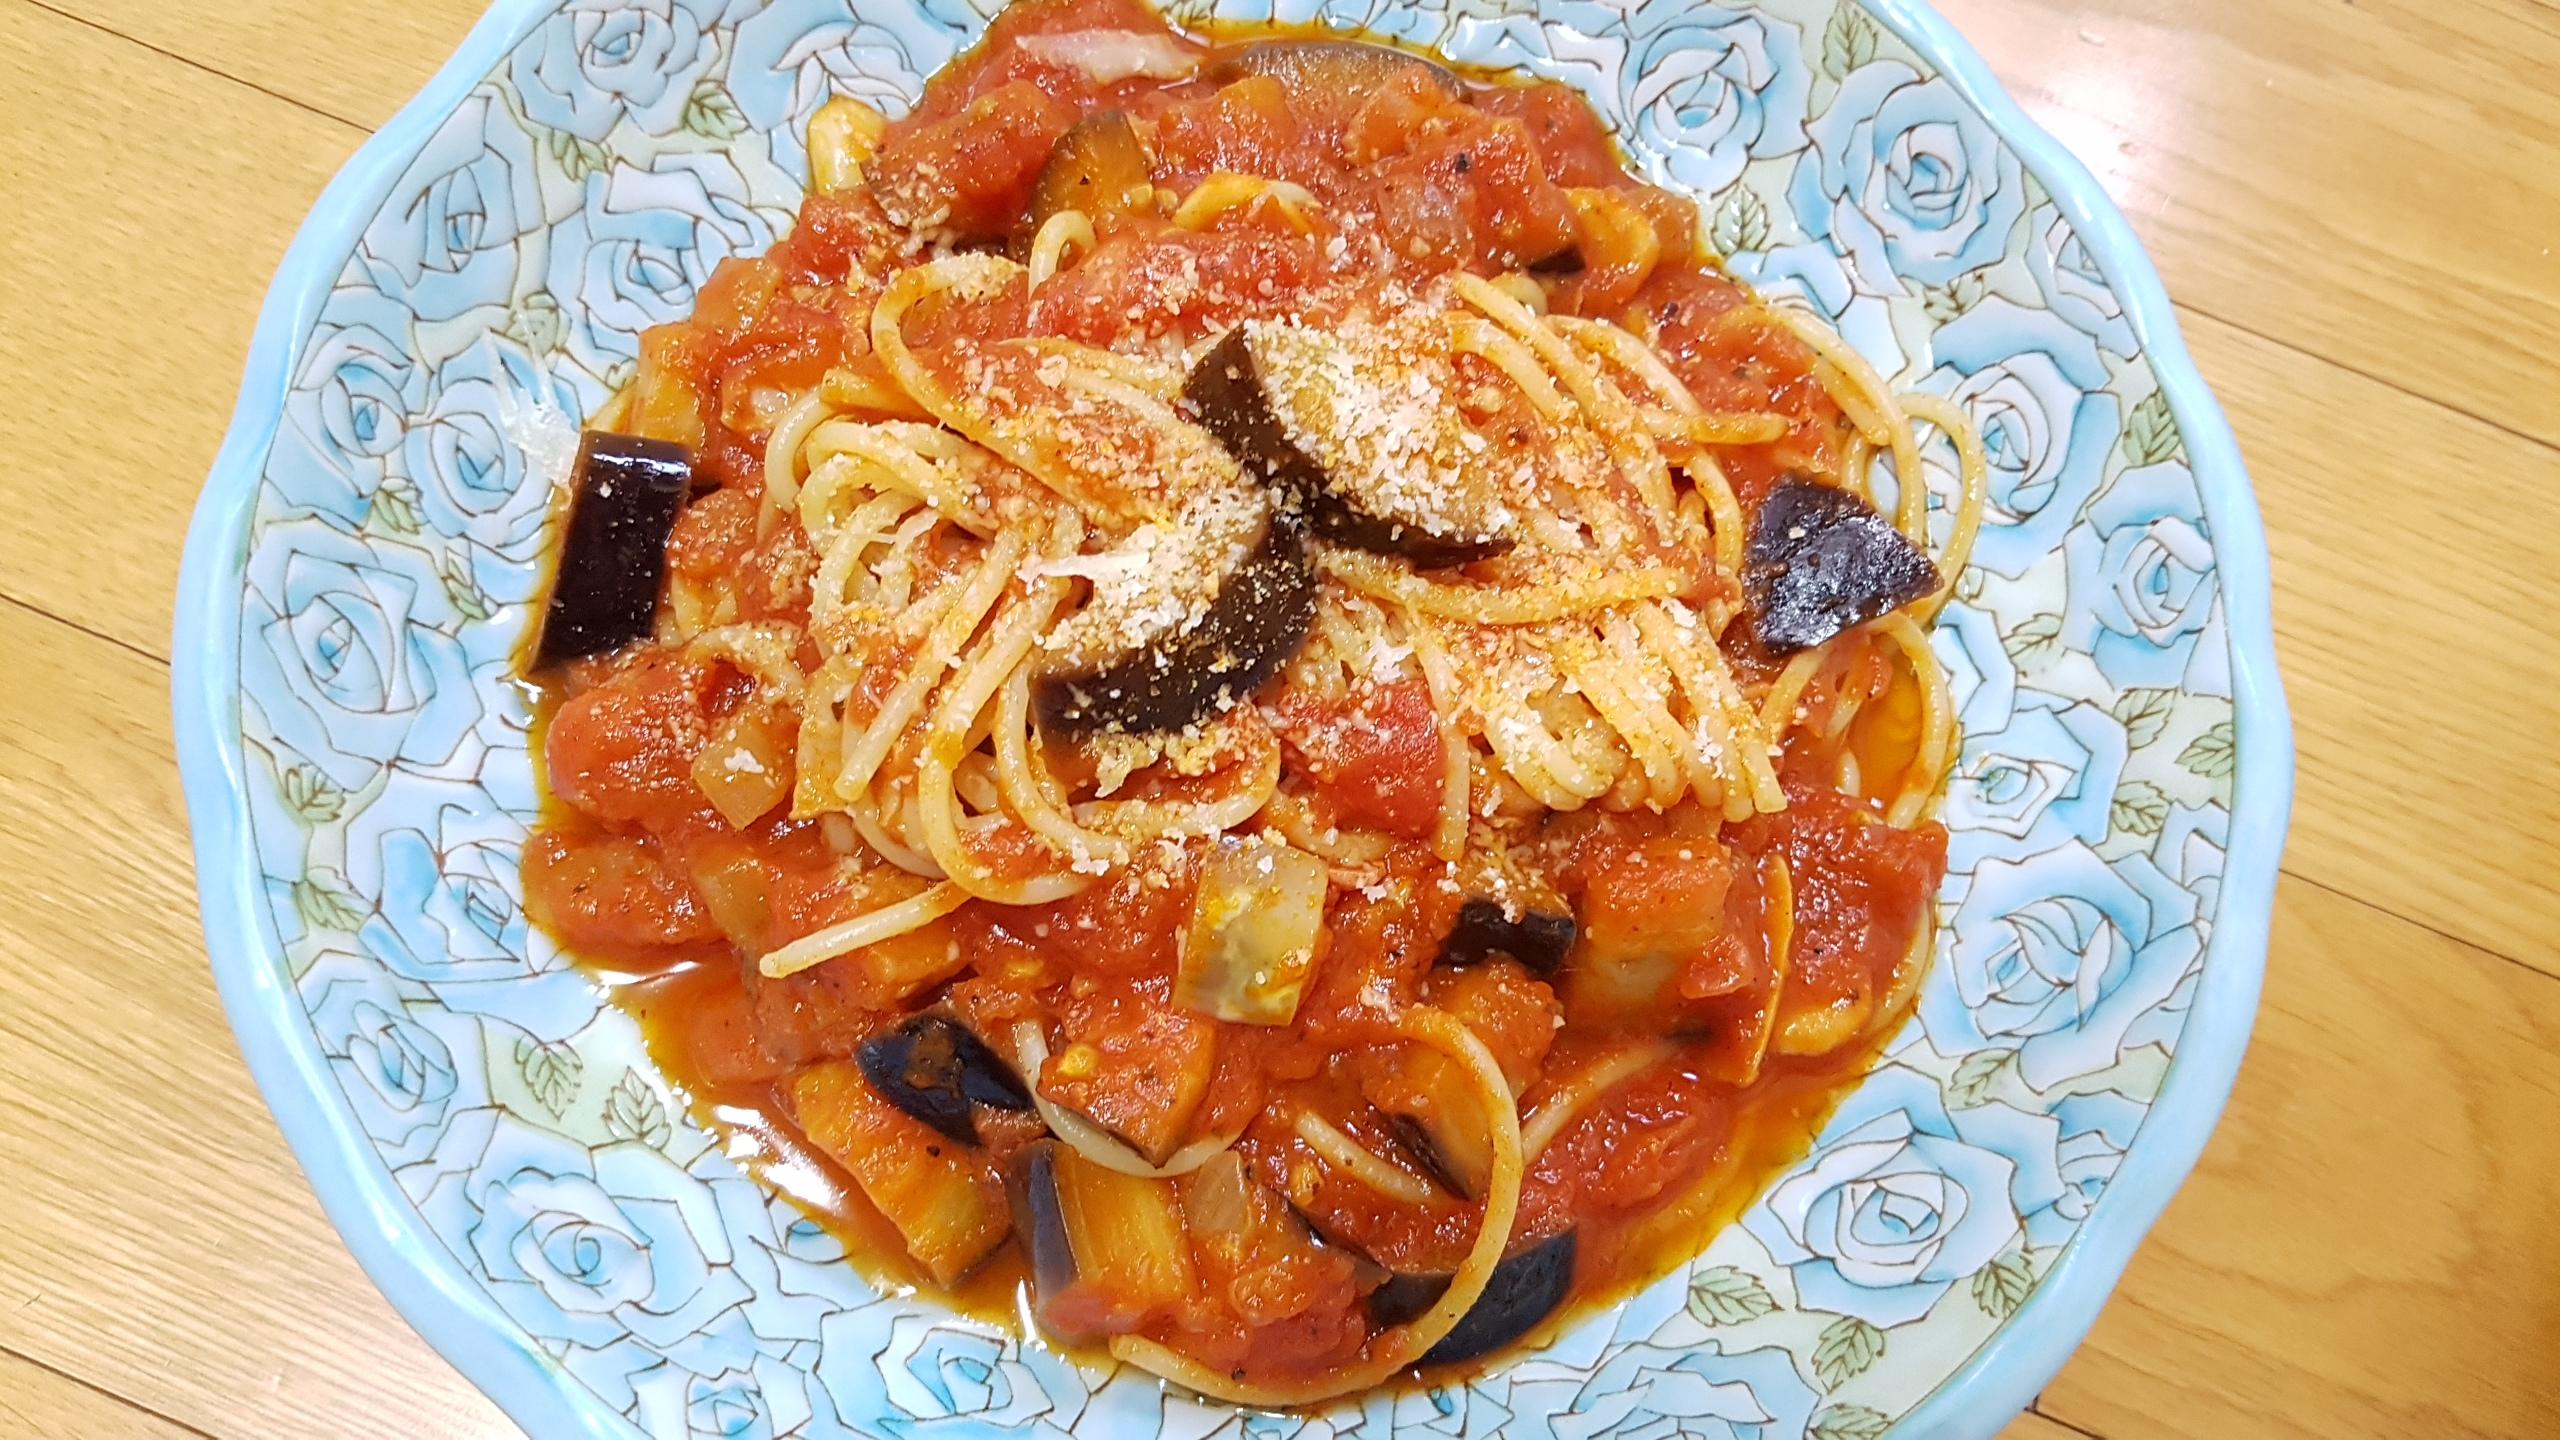 올리브유를 넣어만든 토마토스파게티